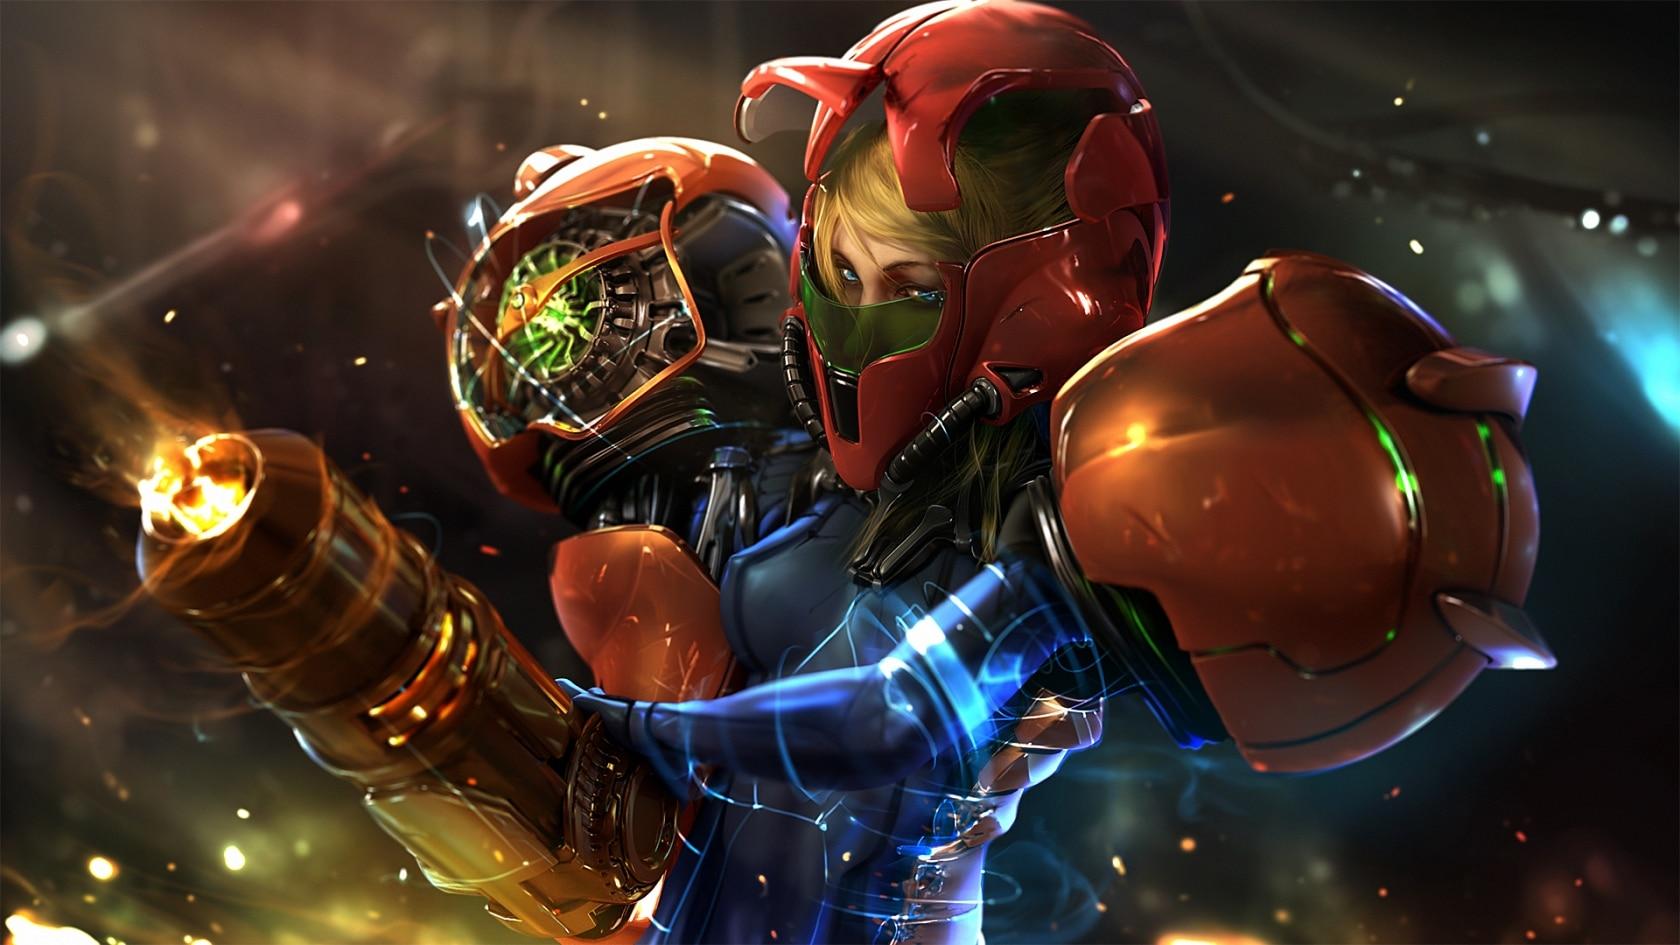 Аран из Metroid может появиться в фортнайт - Самус Аран из Metroid может появиться в фортнайт